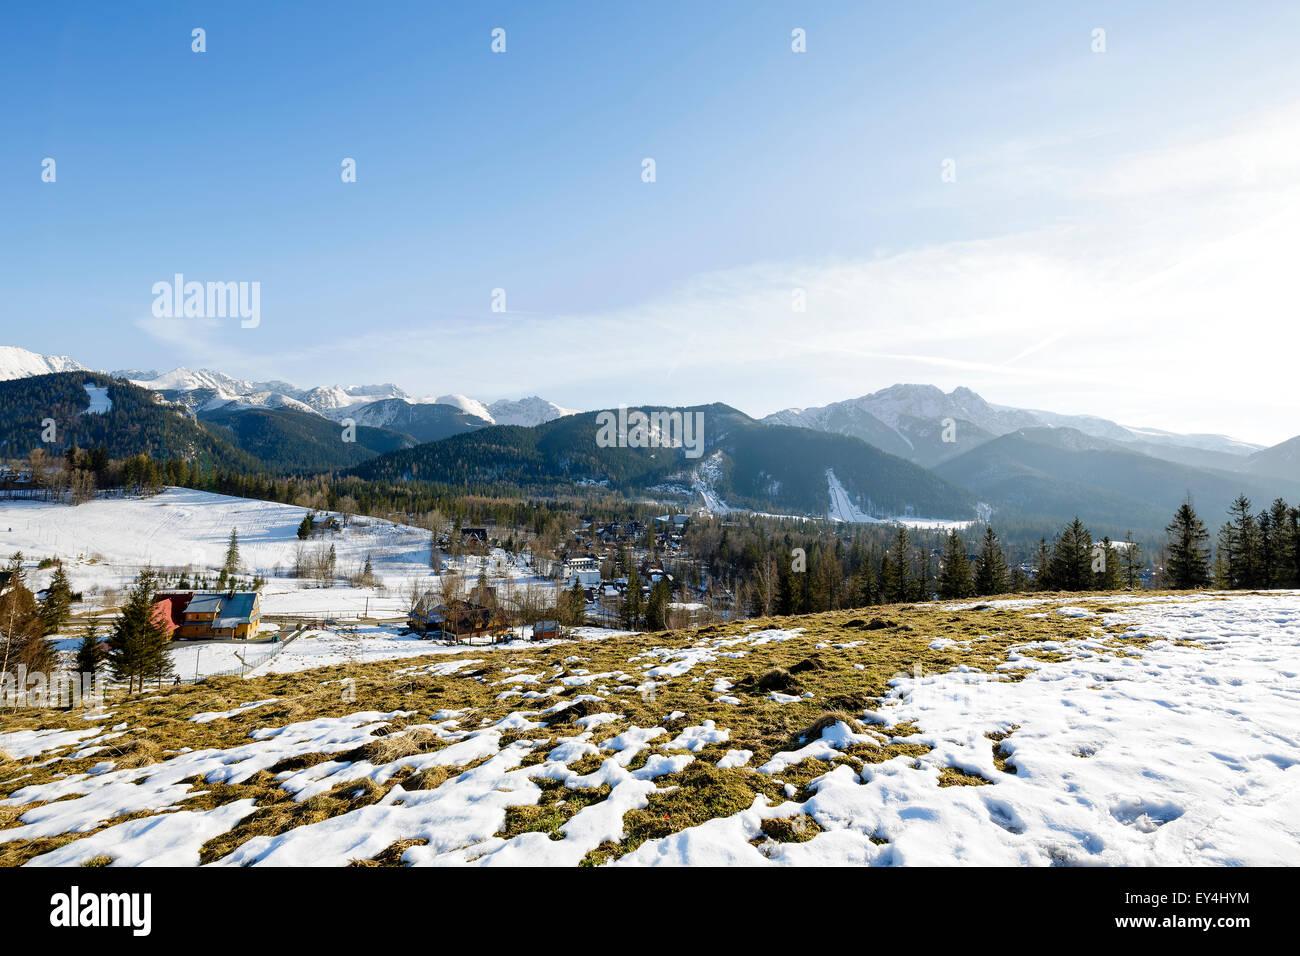 Tatra mountains seen far from city of Zakopane - Stock Image